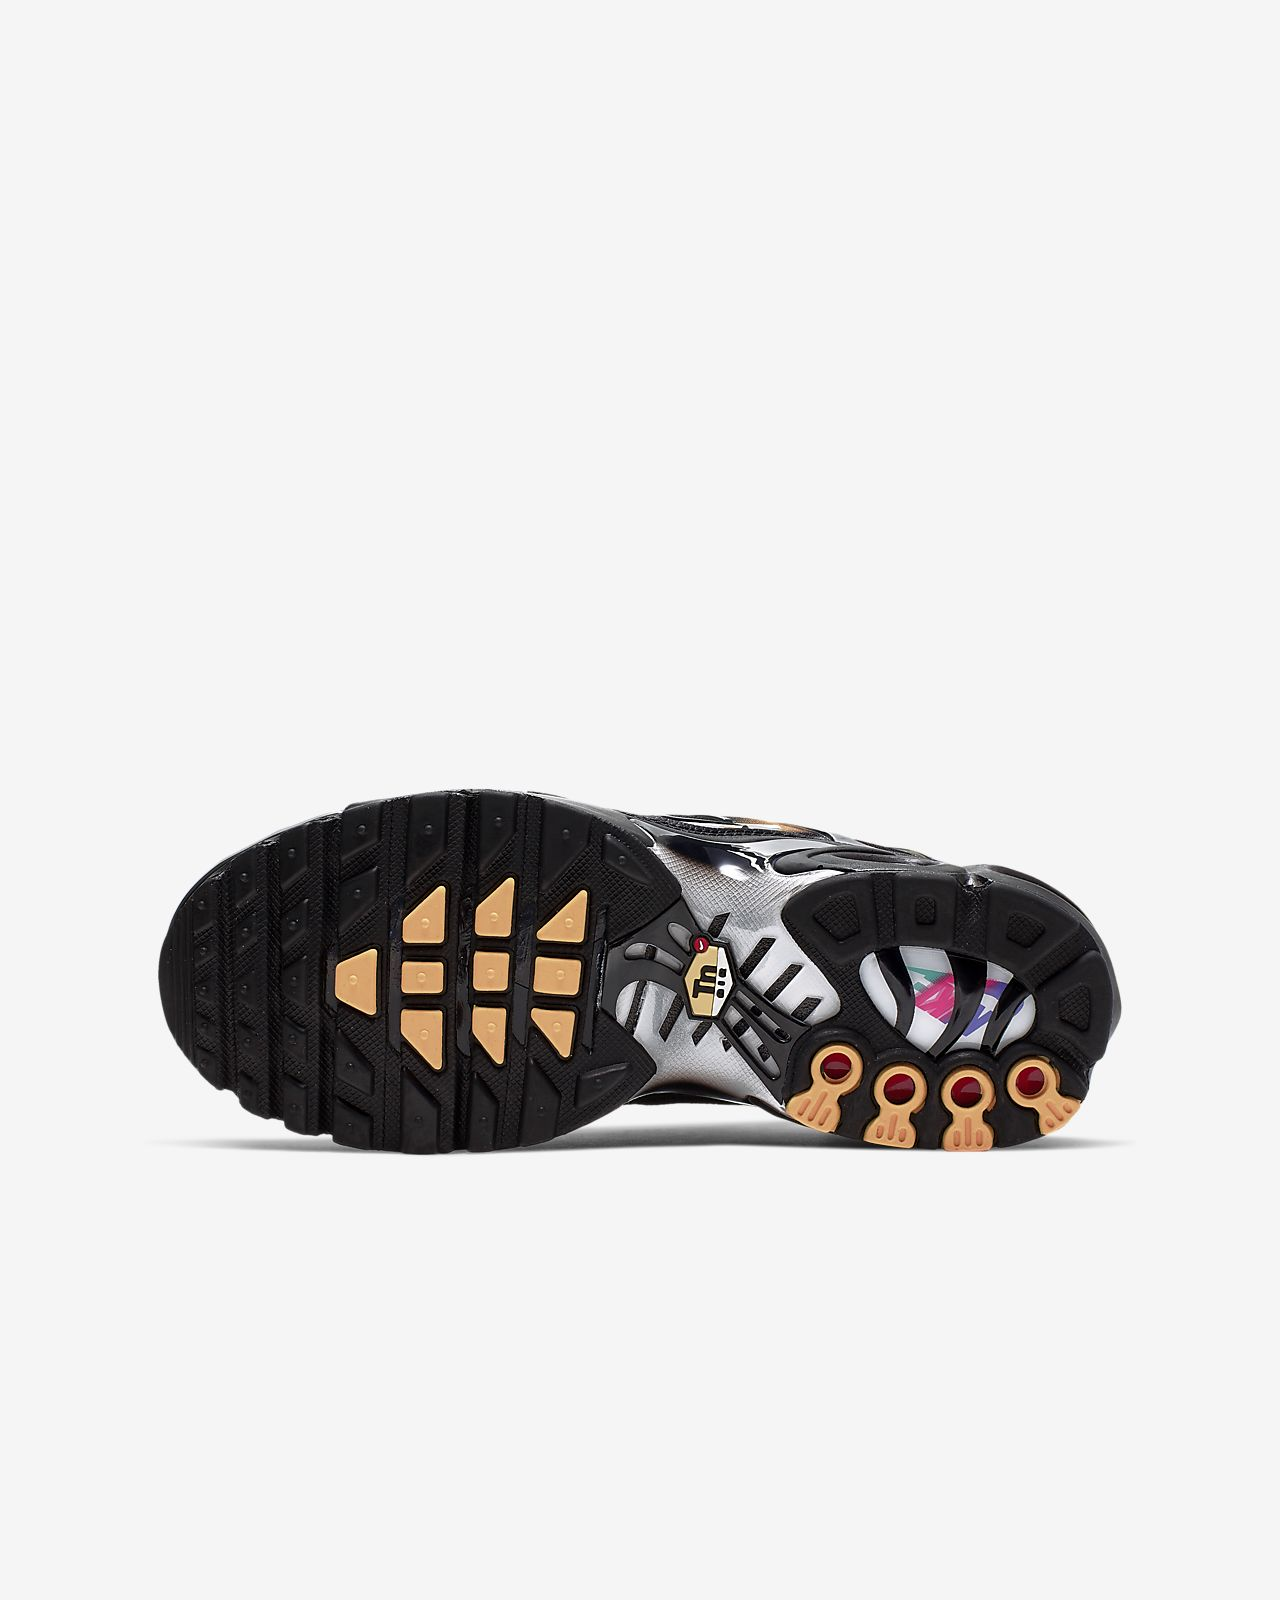 Einfach Nike Air Max 90 SE Mesh Schuh für ältere Kinder